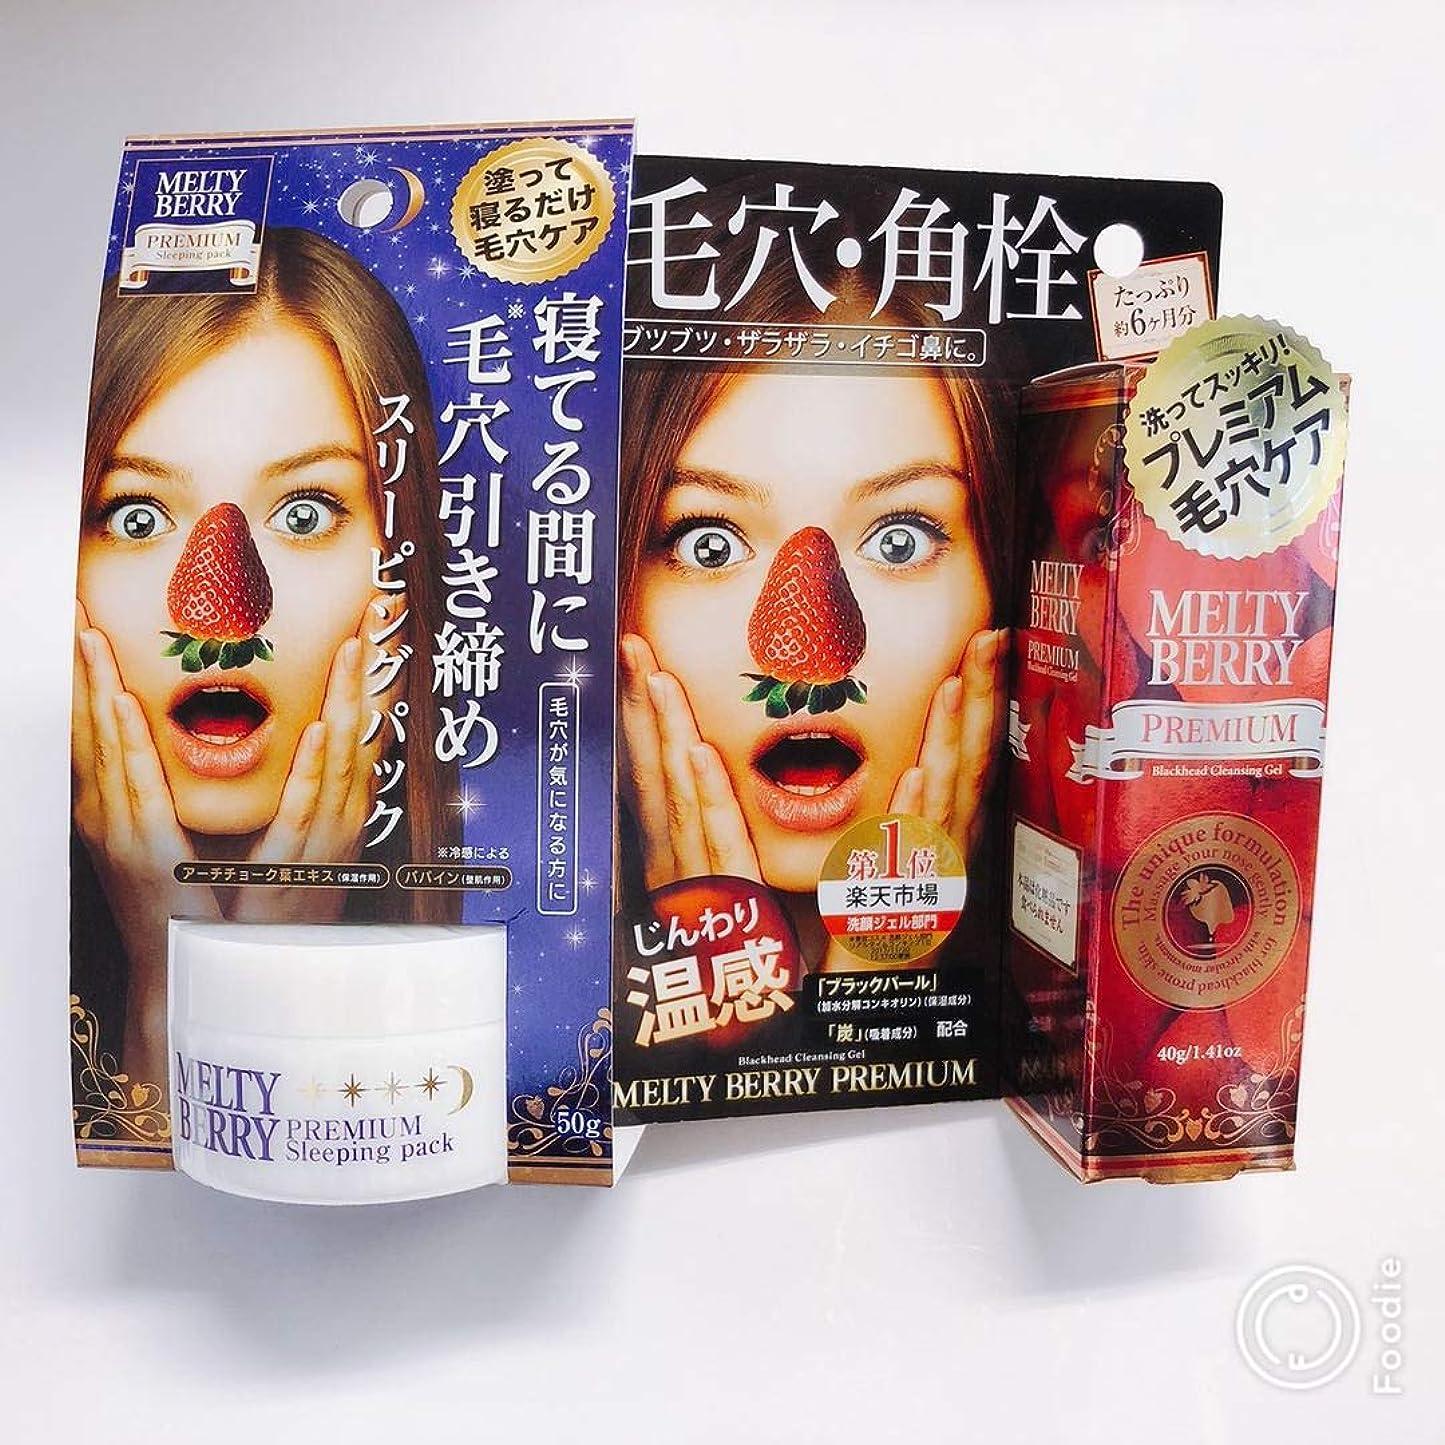 探偵乱雑な純粋なメルティベリープレミアム毛穴角栓ジェル+プレミアム スリーピングパック セットMELTY BERRY草莓鼻